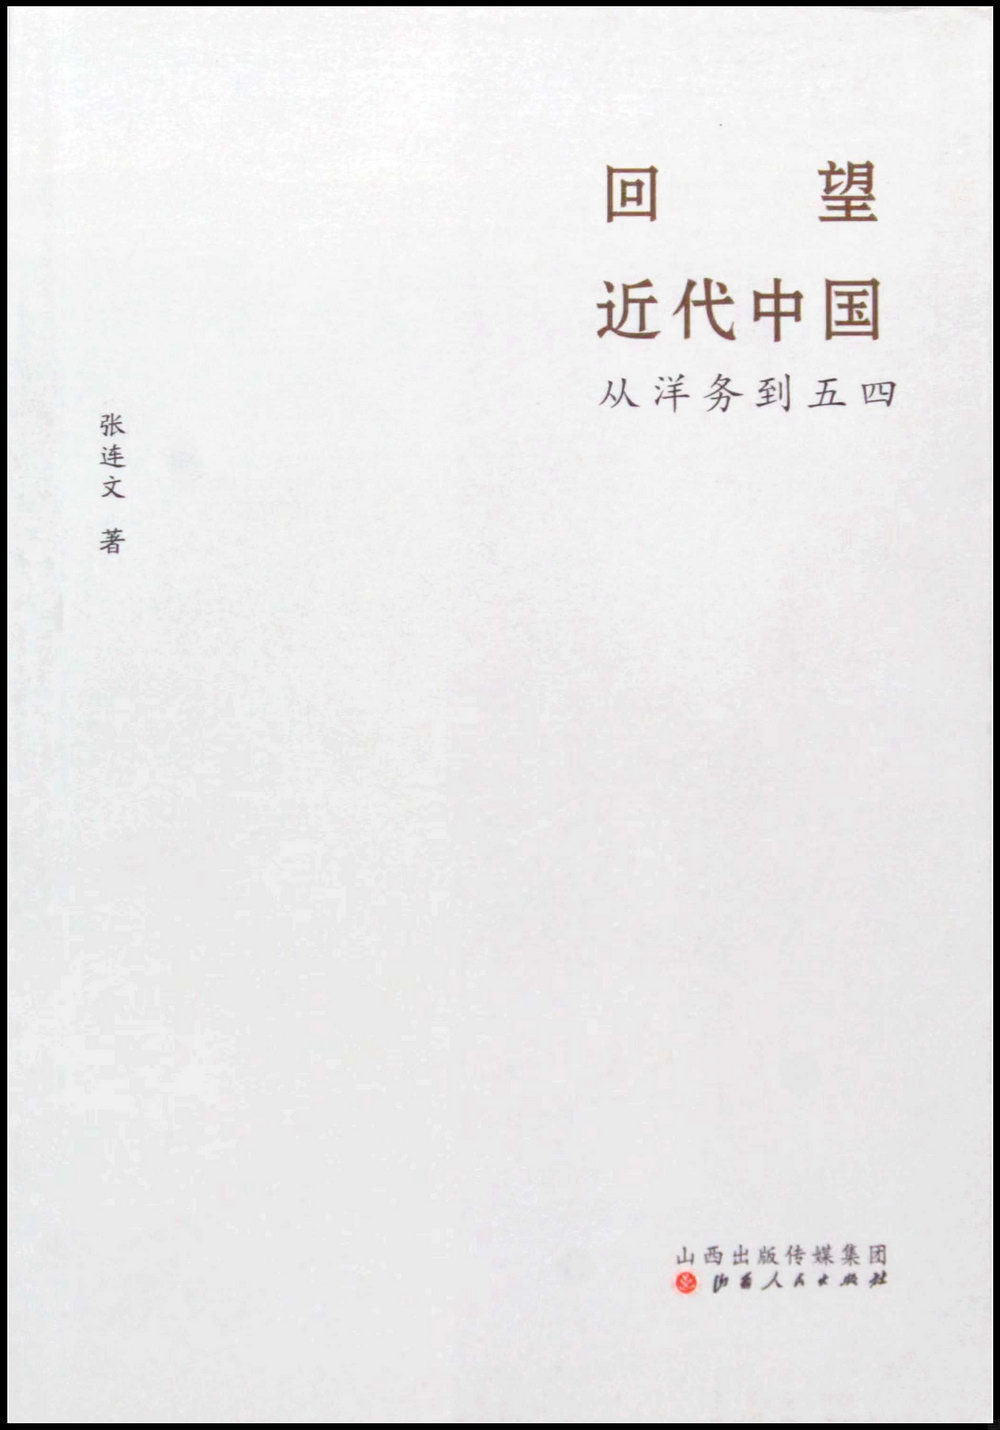 回望近代中國:從洋務到五四